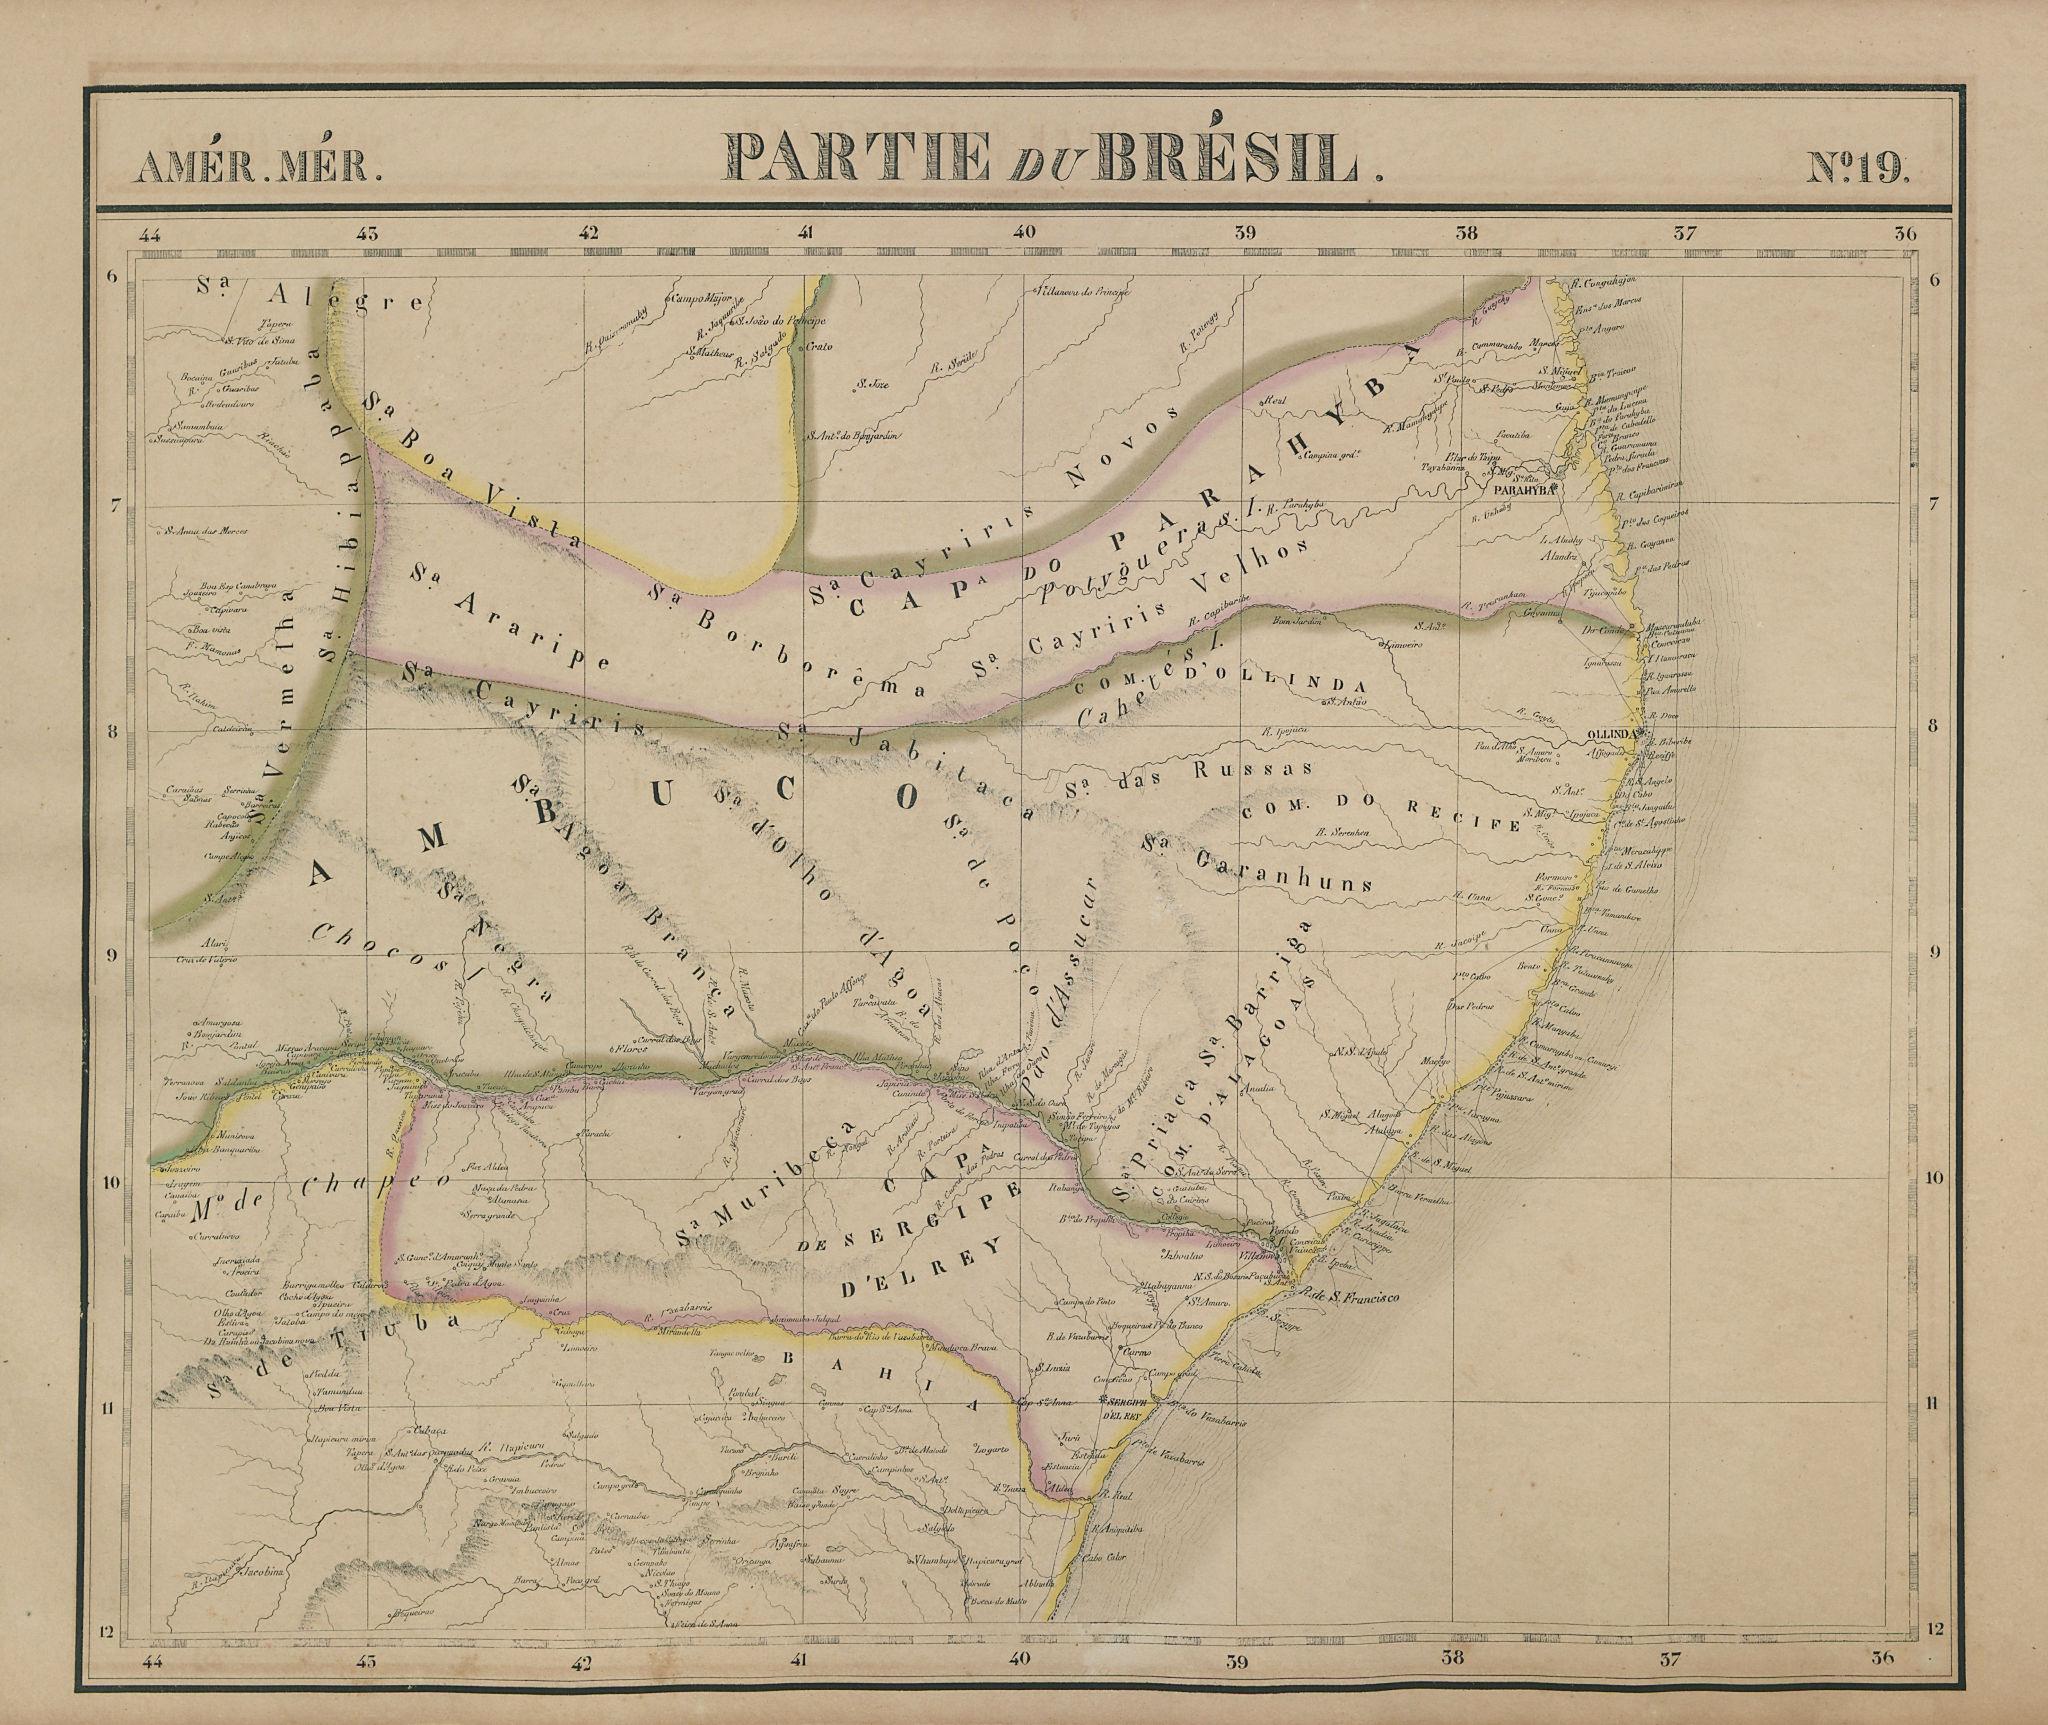 Amér Mér Brésil #19 NE Brazil SE AL PB RN BA CE Pernambuco VANDERMAELEN 1827 map